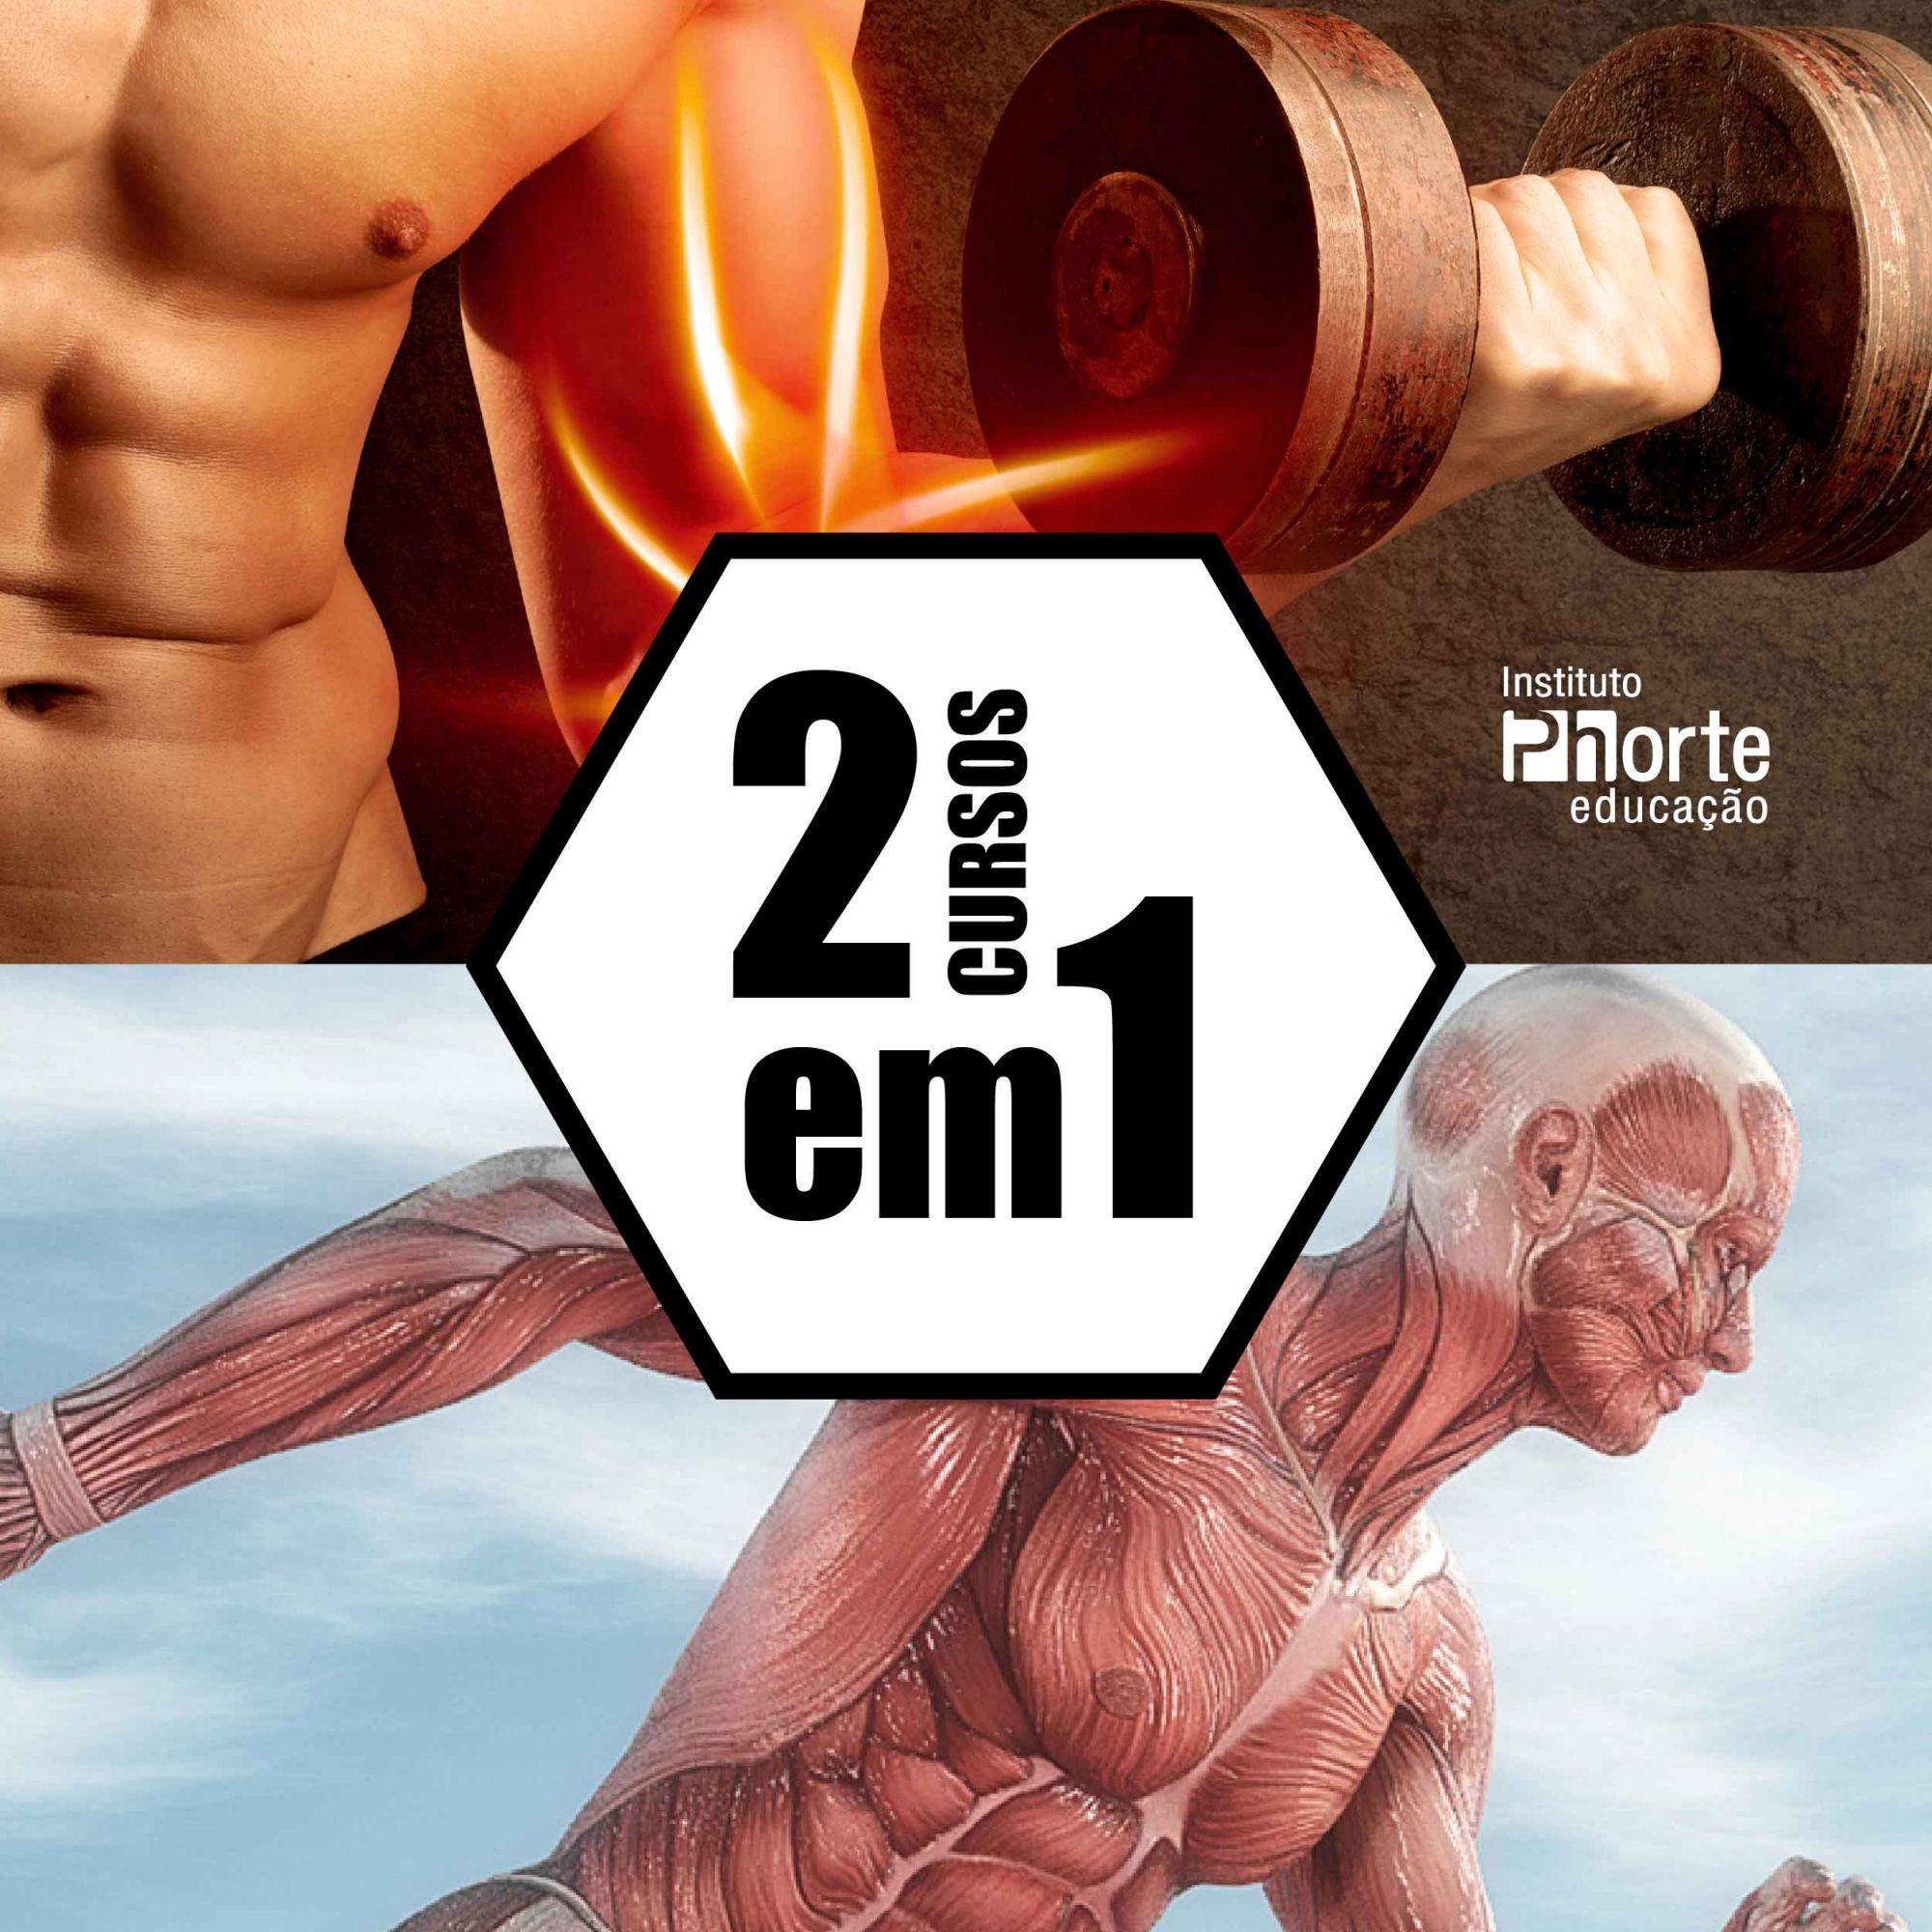 Combo Musculação 2  - Cursos distância e aulas online Instituto Phorte Educação.